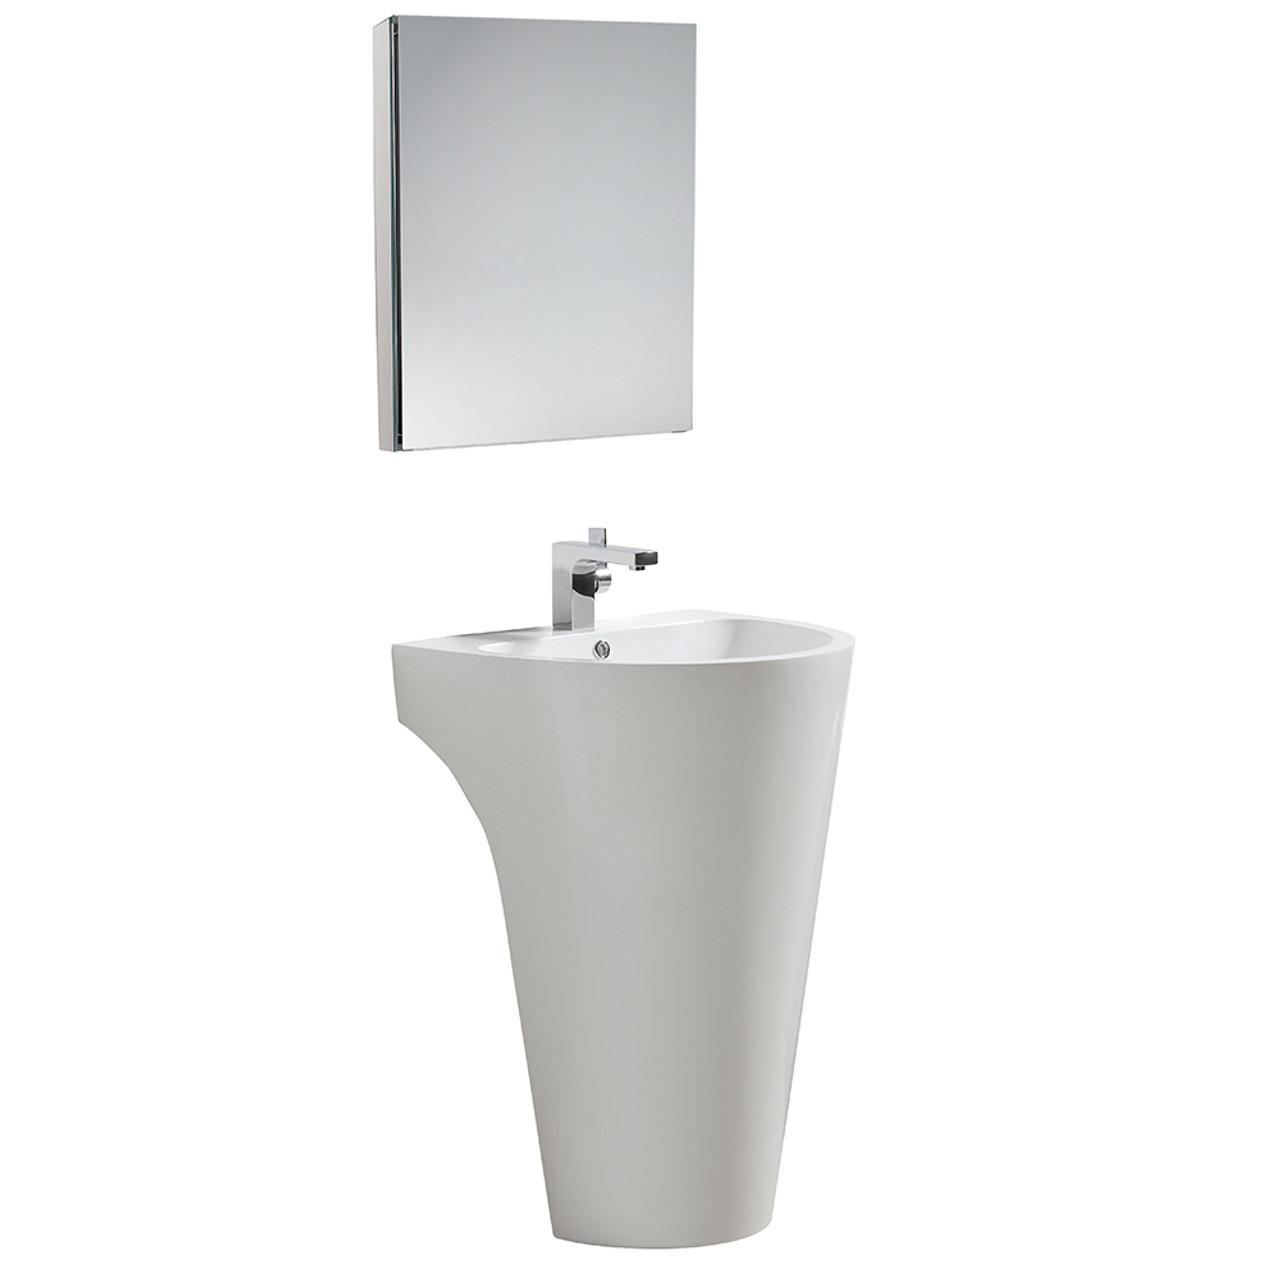 A Modern Living Room, 46 Pedestal Sink Bathroom Vanity Cabinet Pictures